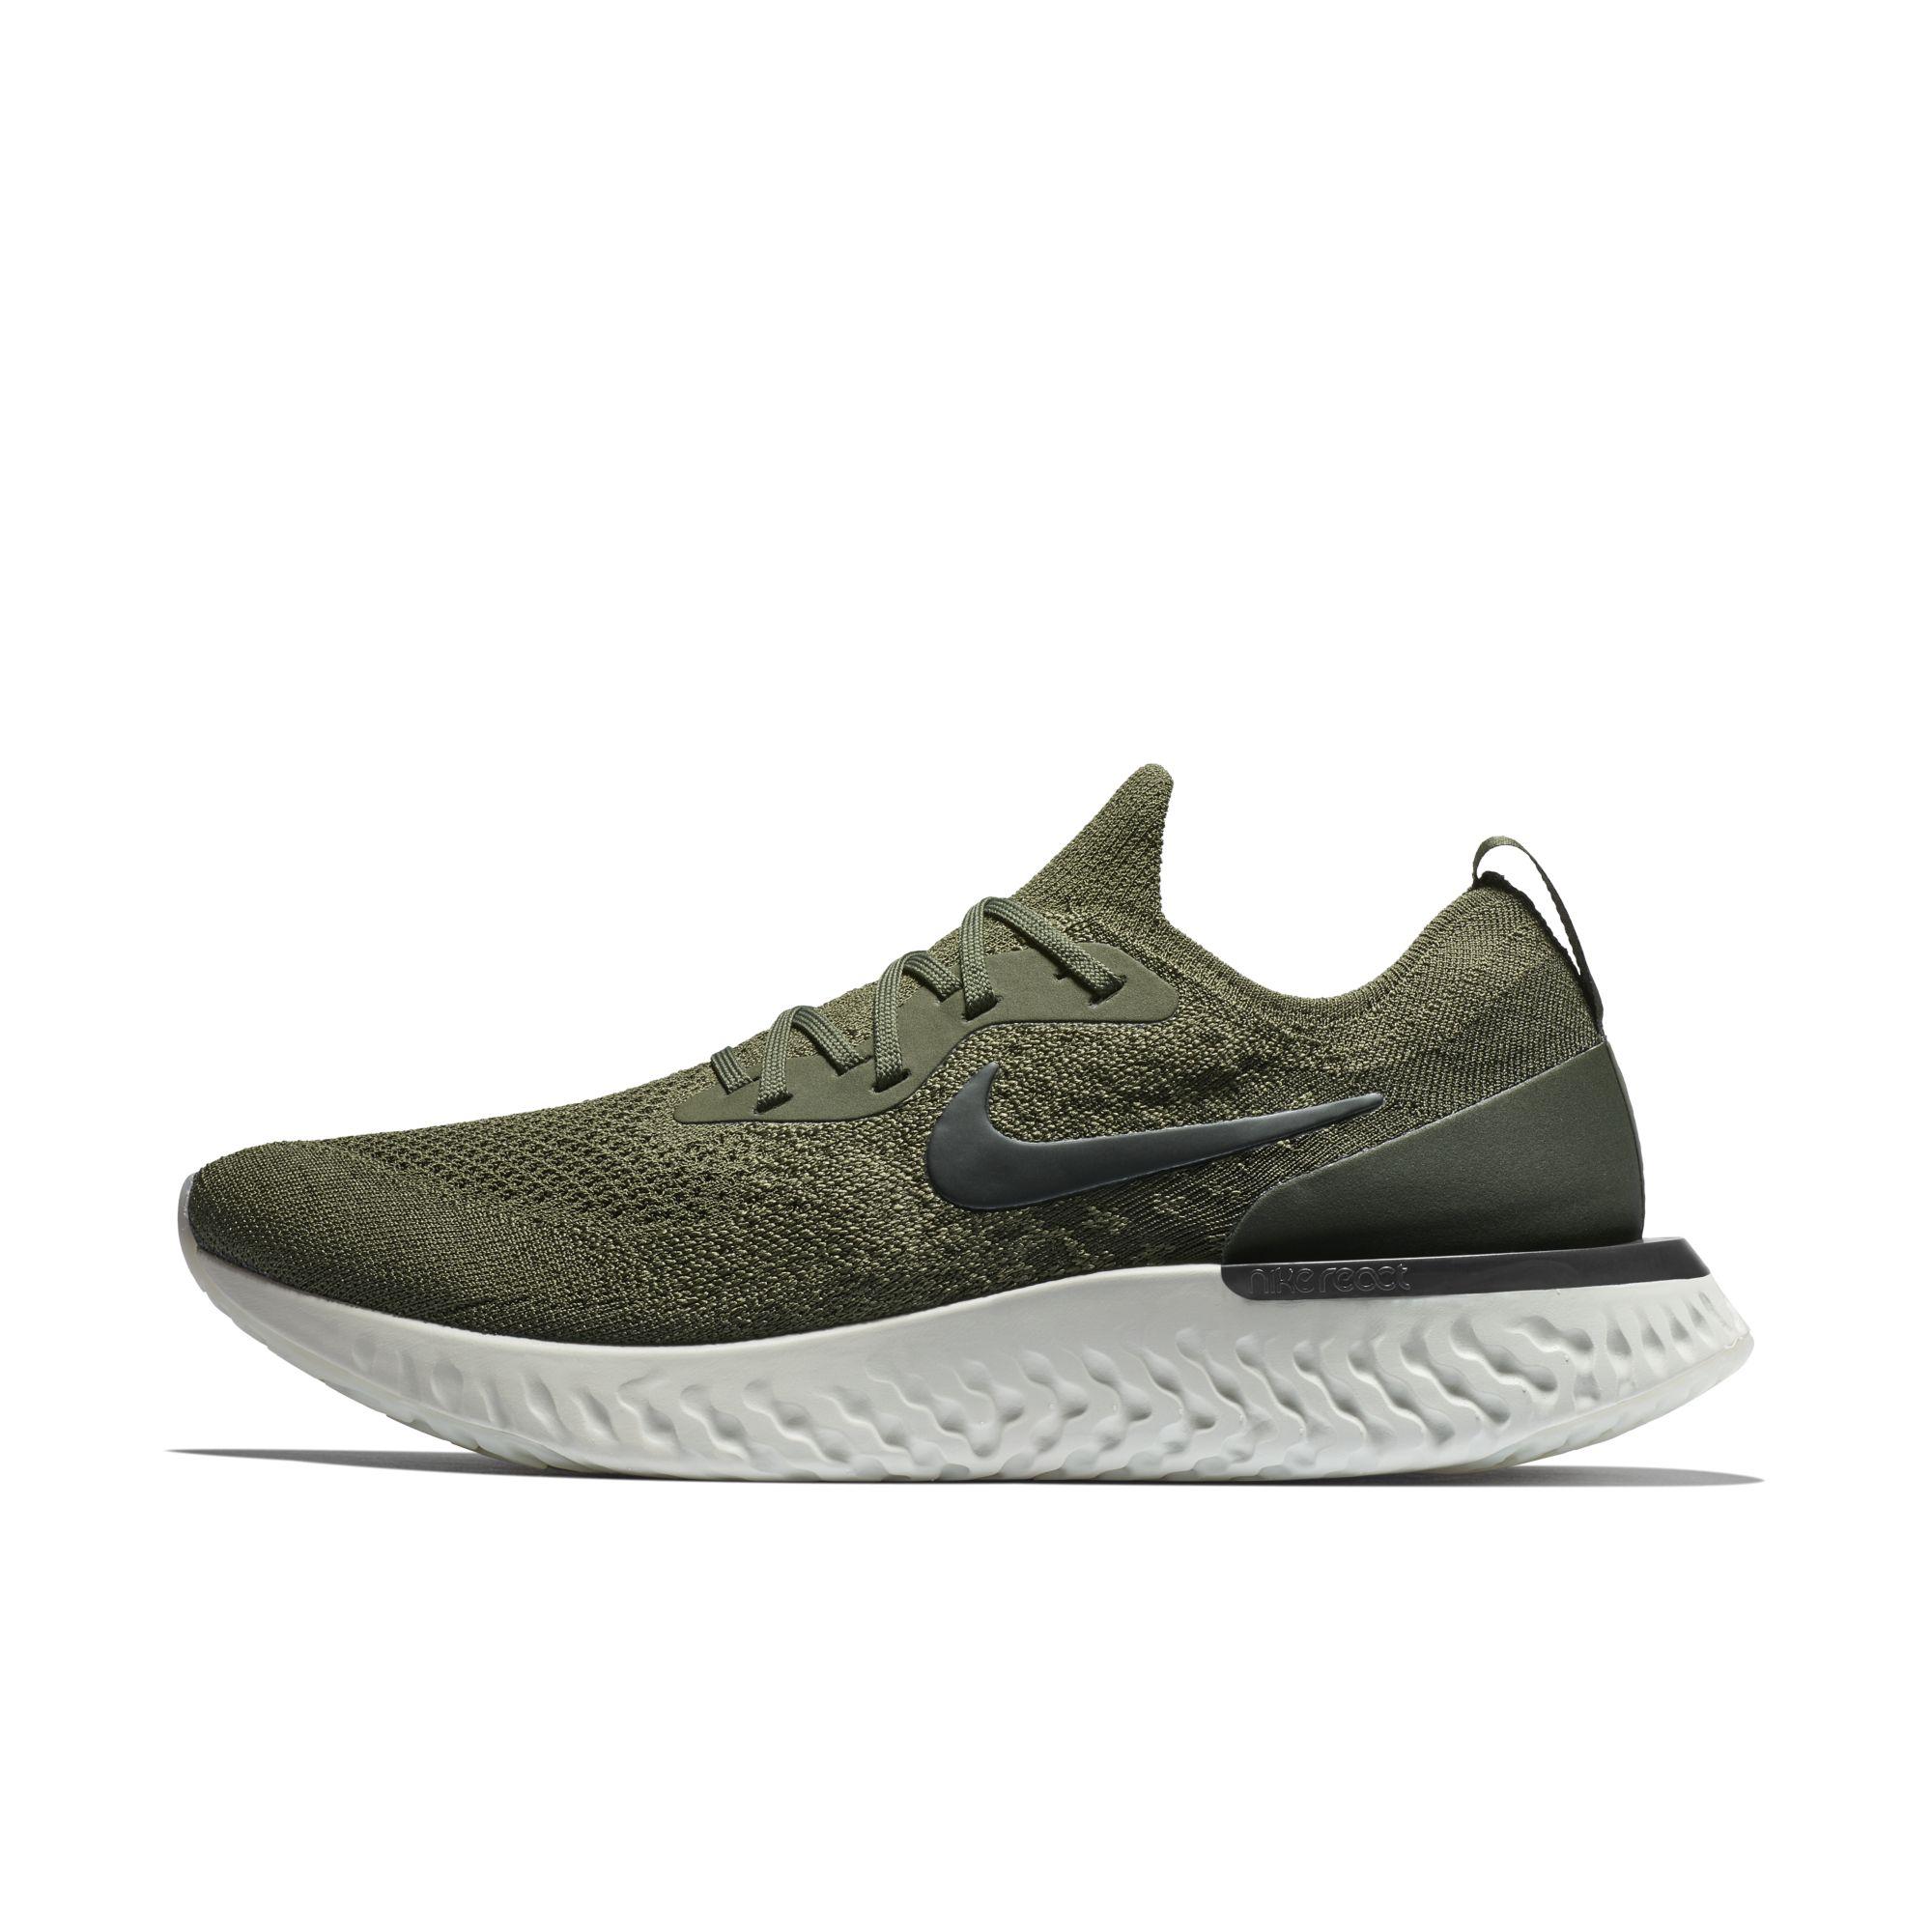 Nike Flyknit Shoe